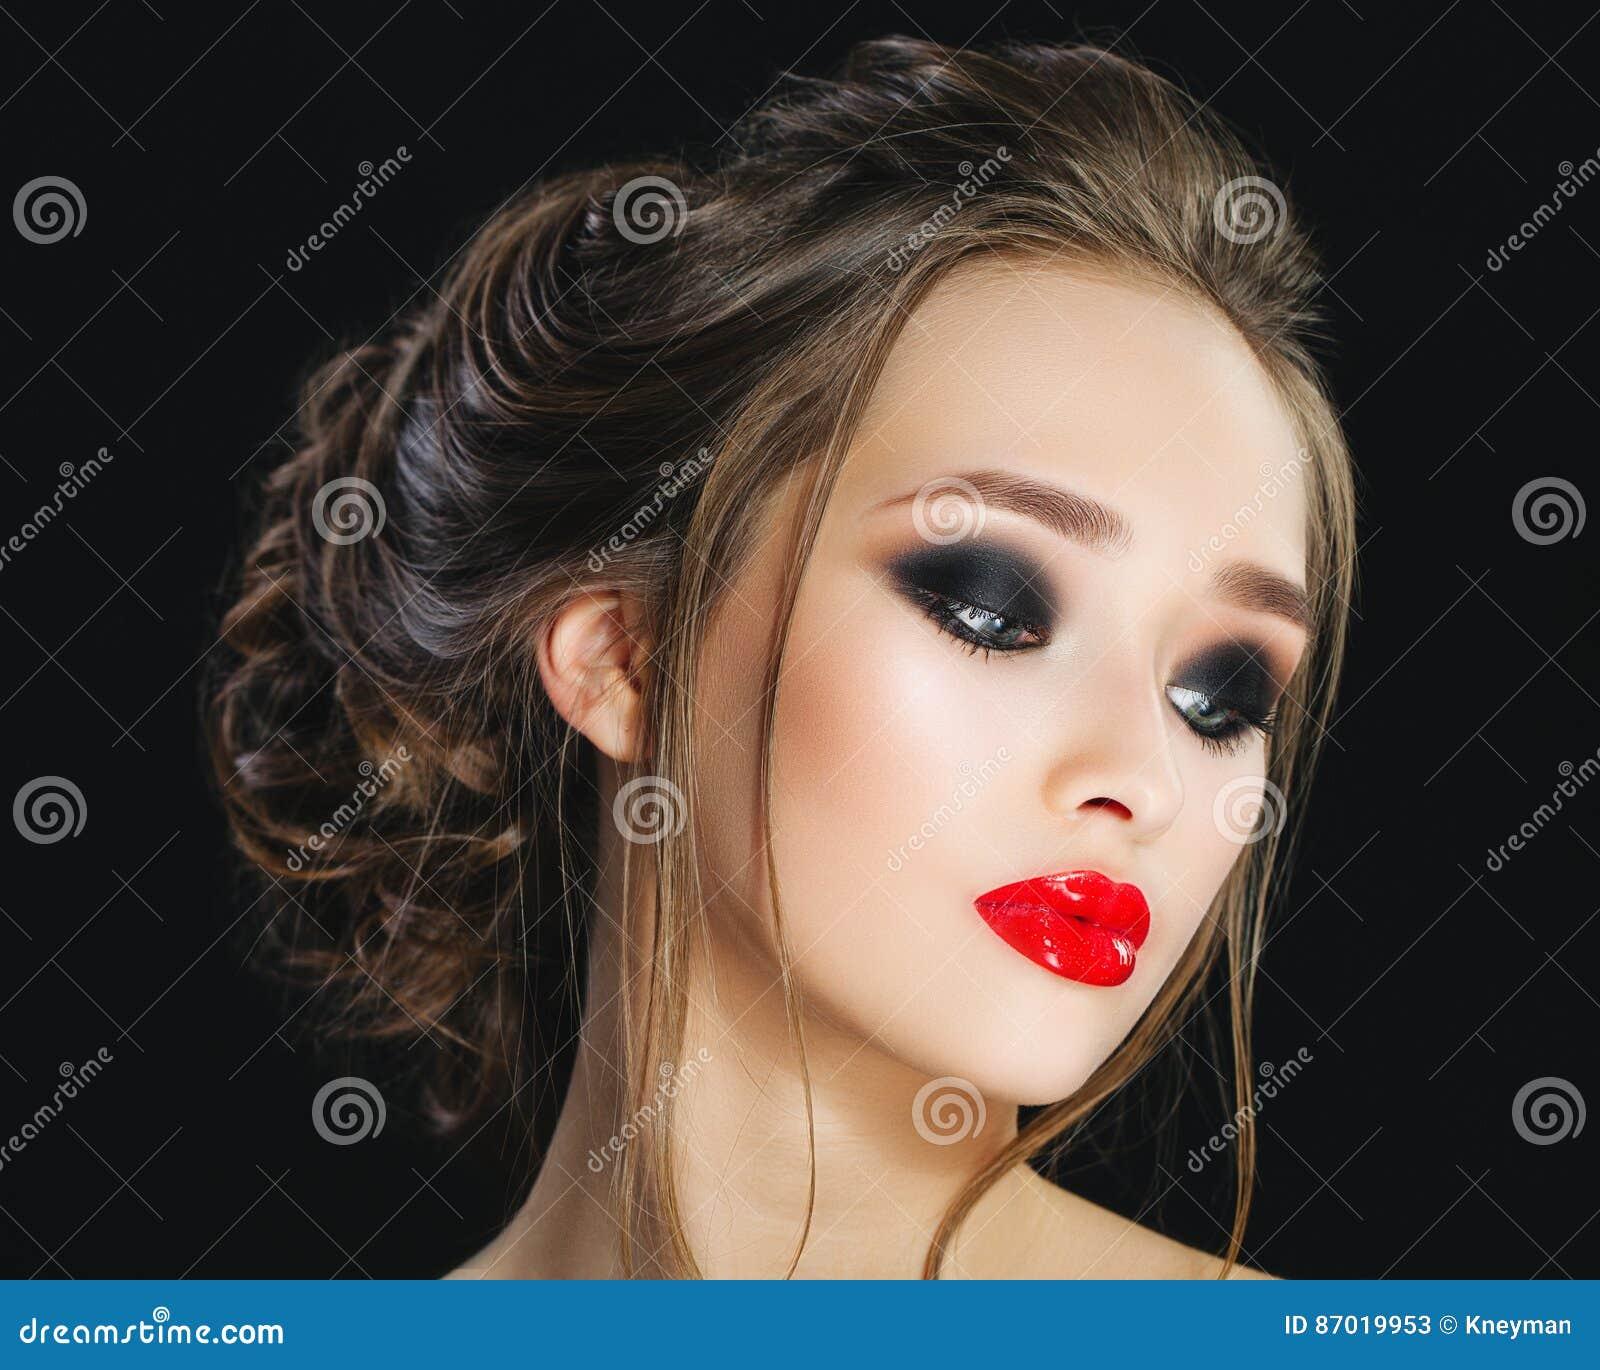 Πανέμορφο νέο πορτρέτο προσώπου γυναικών Πρότυπο κορίτσι ομορφιάς με τα φωτεινά φρύδια, τέλεια σύνθεση, κόκκινα χείλια, hairstyle